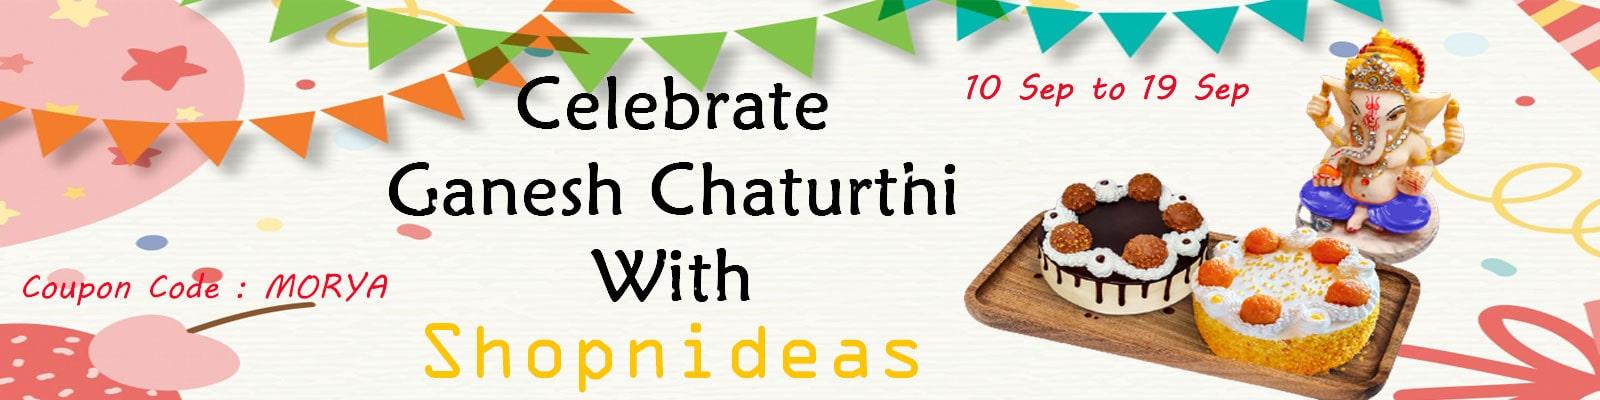 Send Ganesh Chaturthi Gift